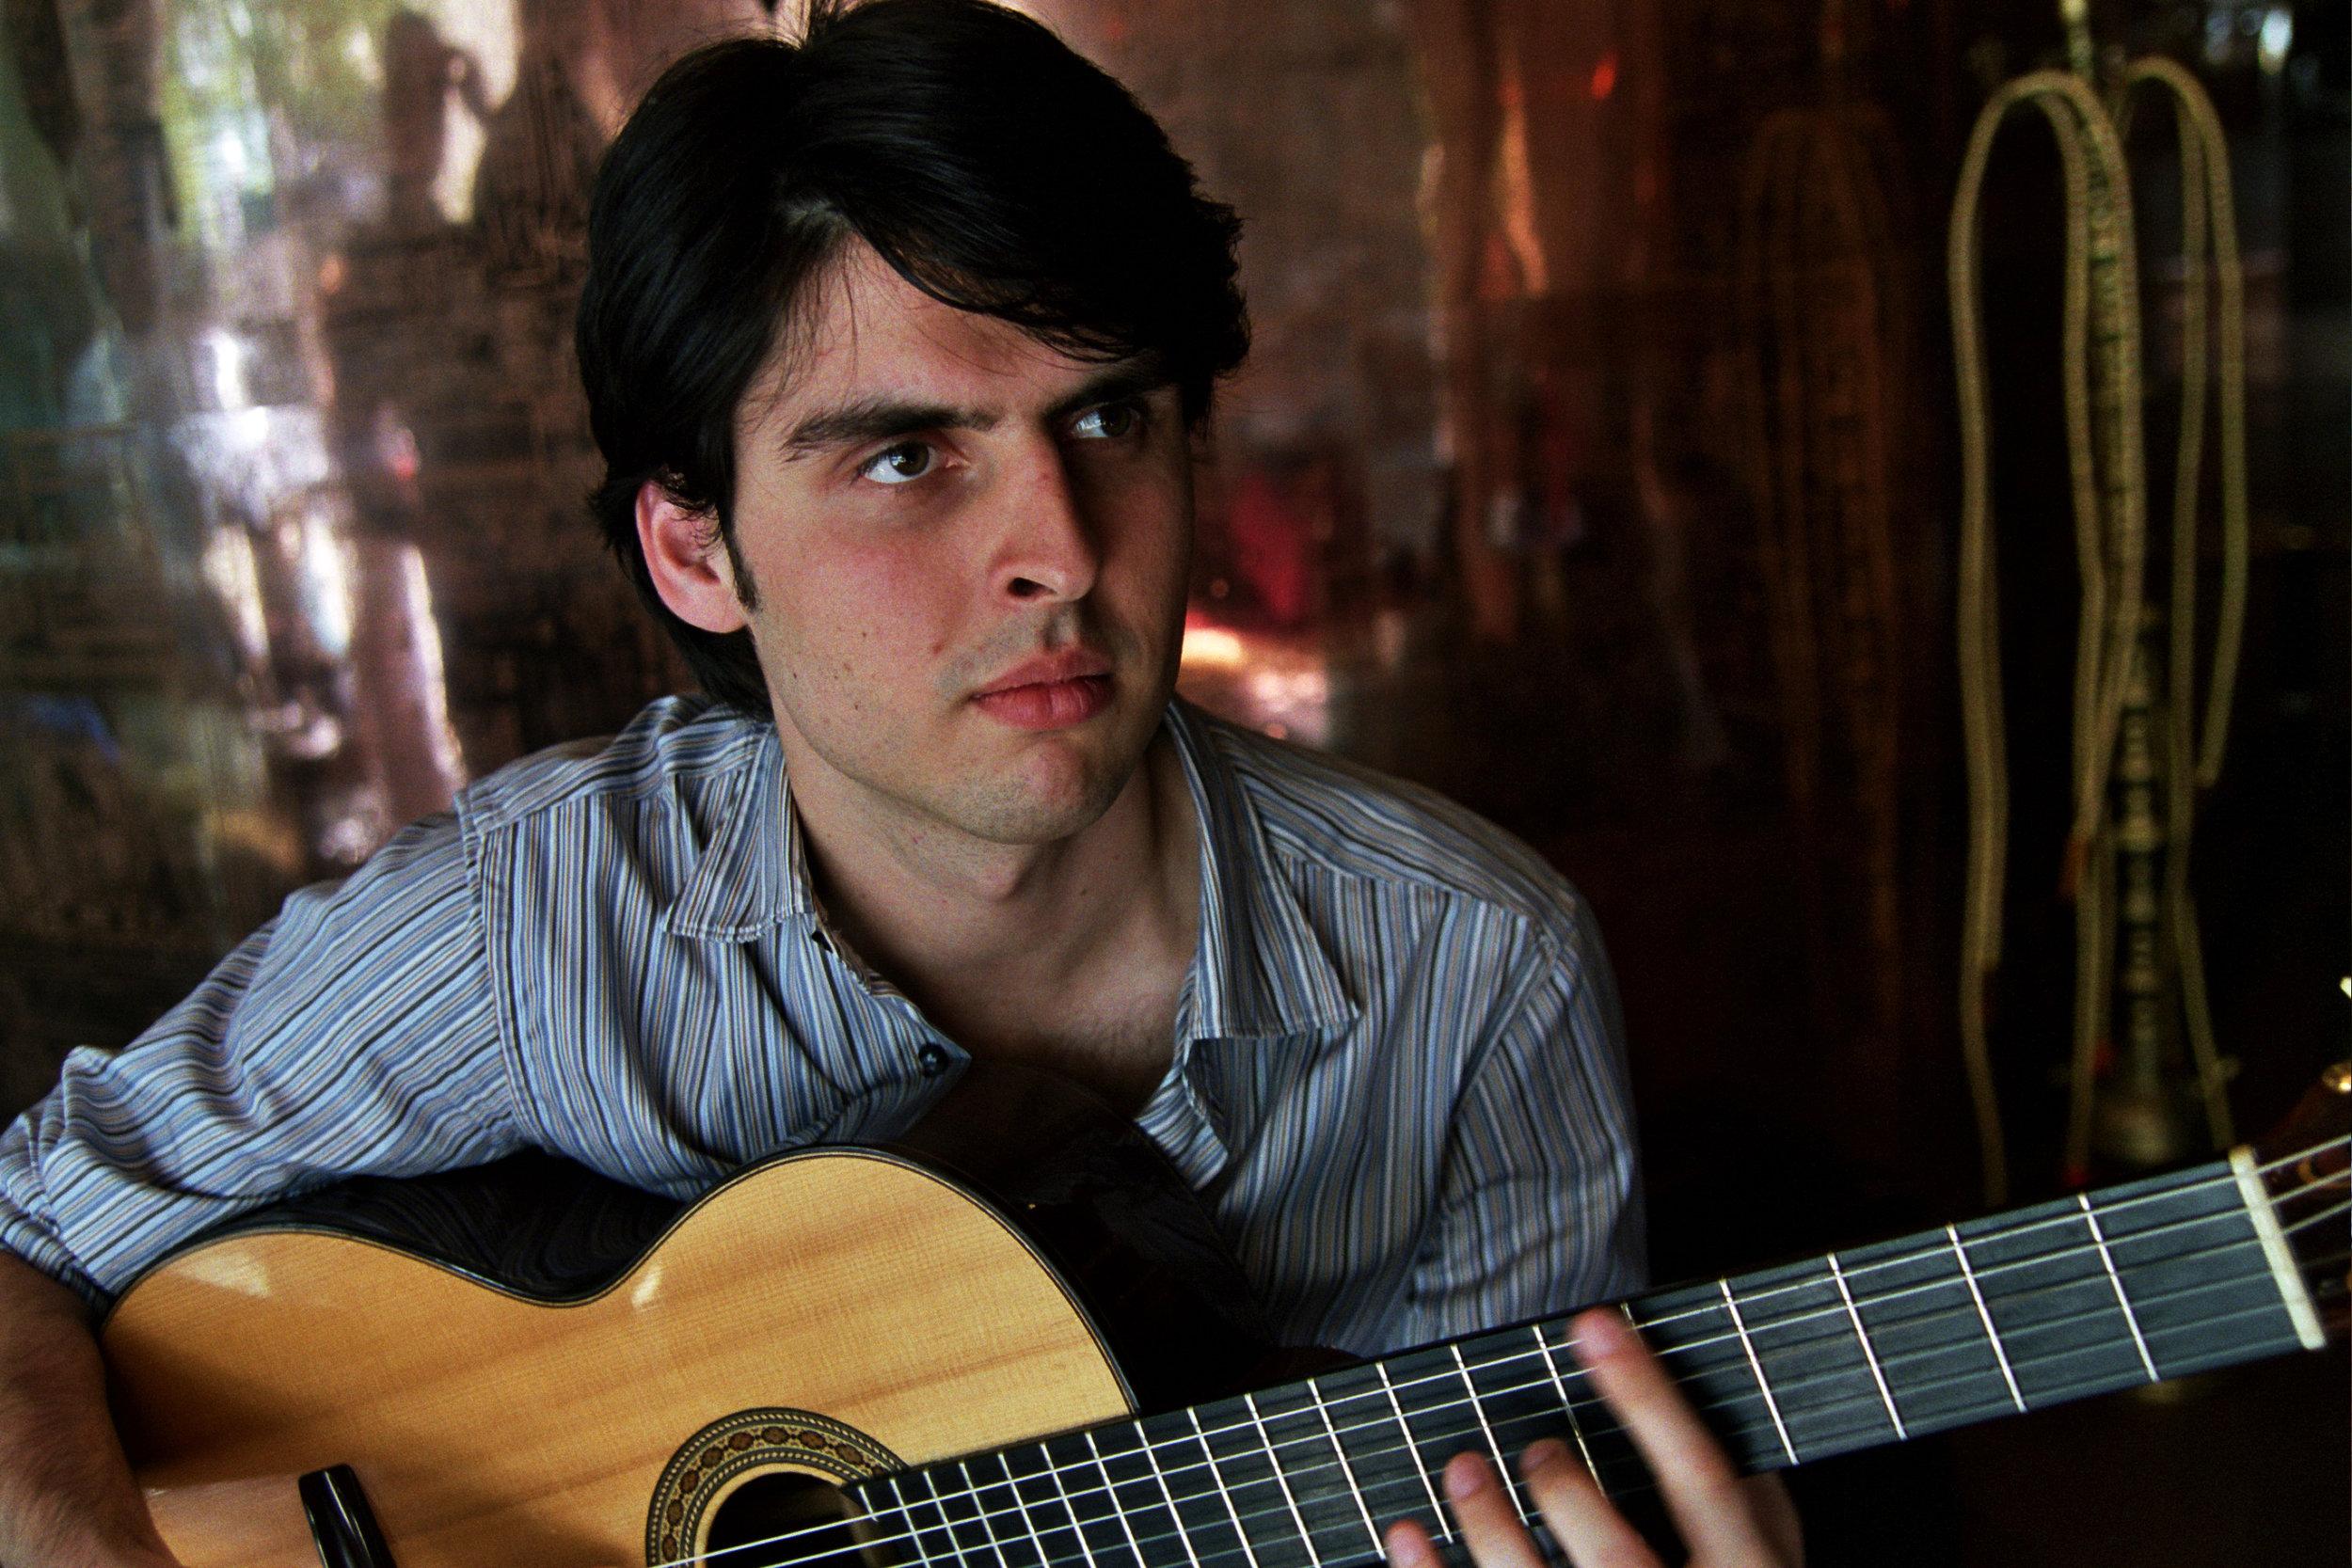 LGrigoryan w guitar 2 2007.jpg